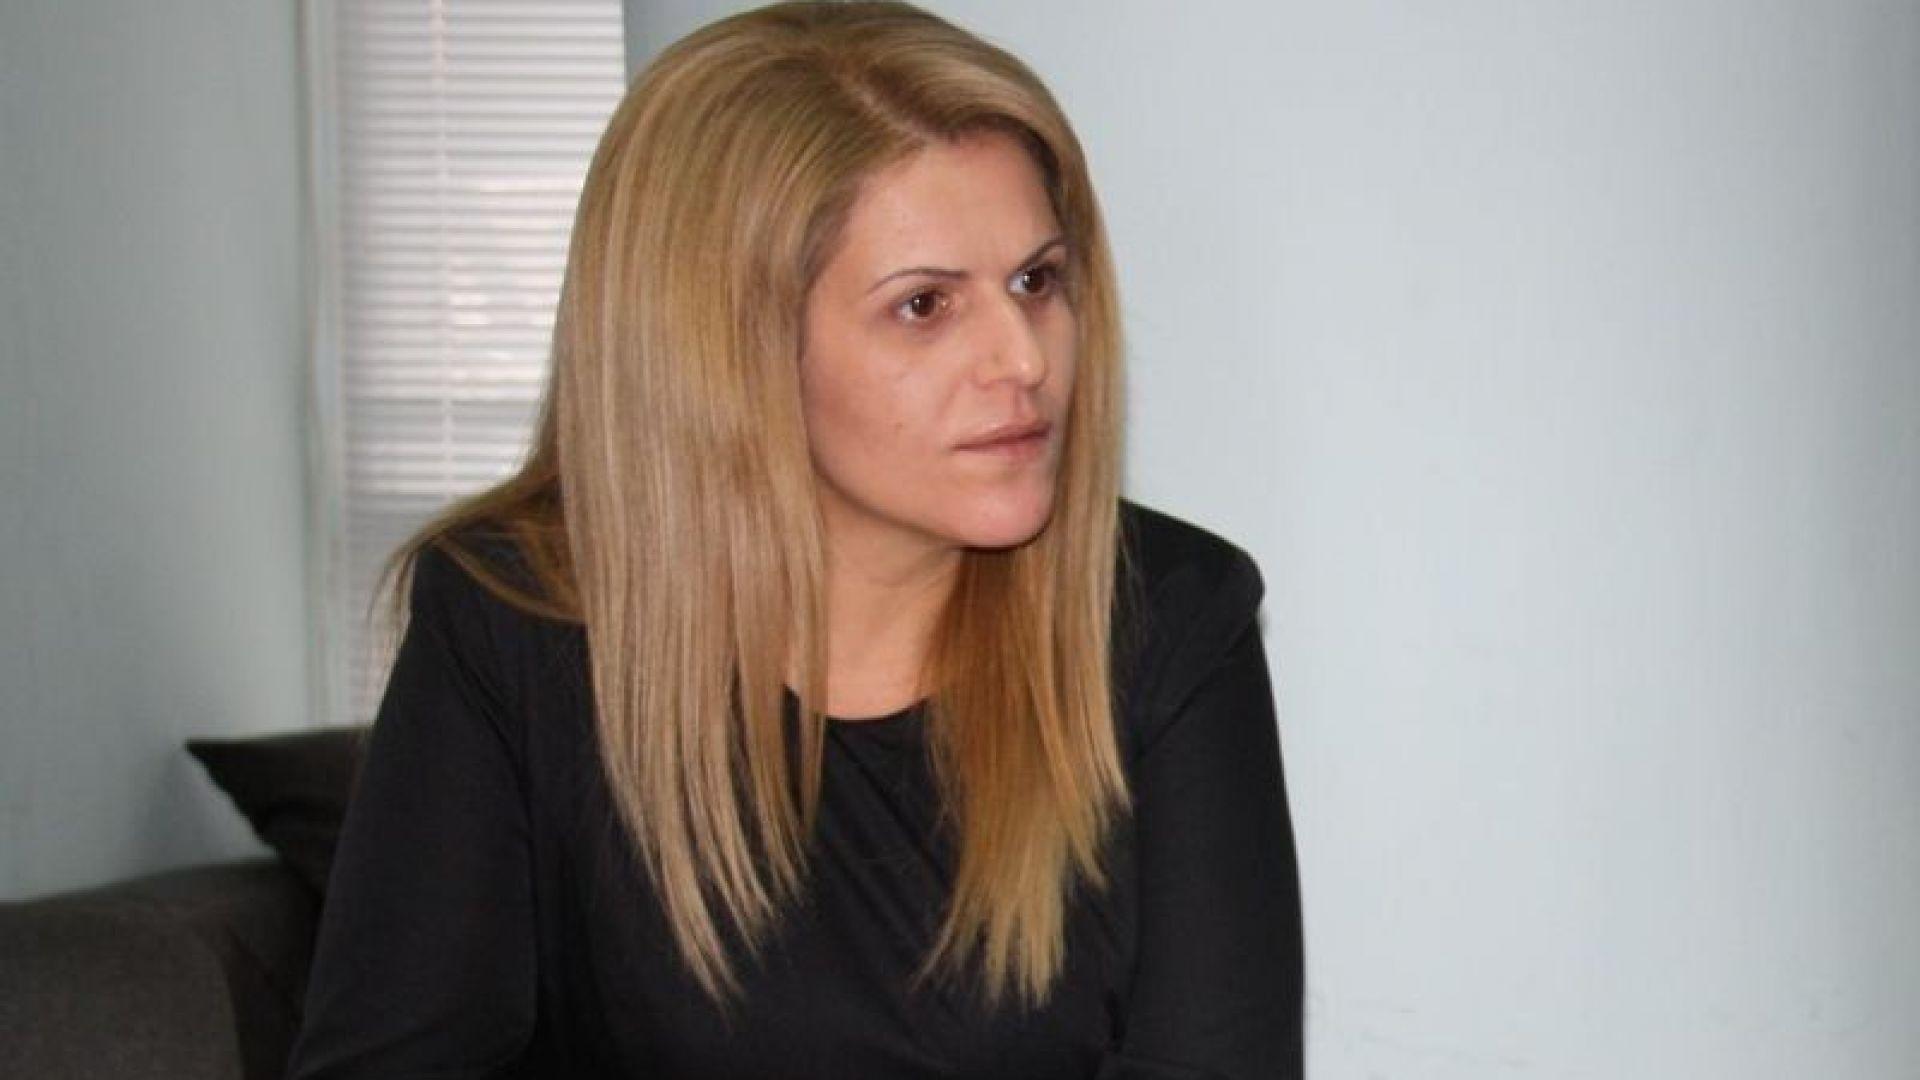 ГЕРБ предлага Мария Белова за шеф на комисията по земеделие